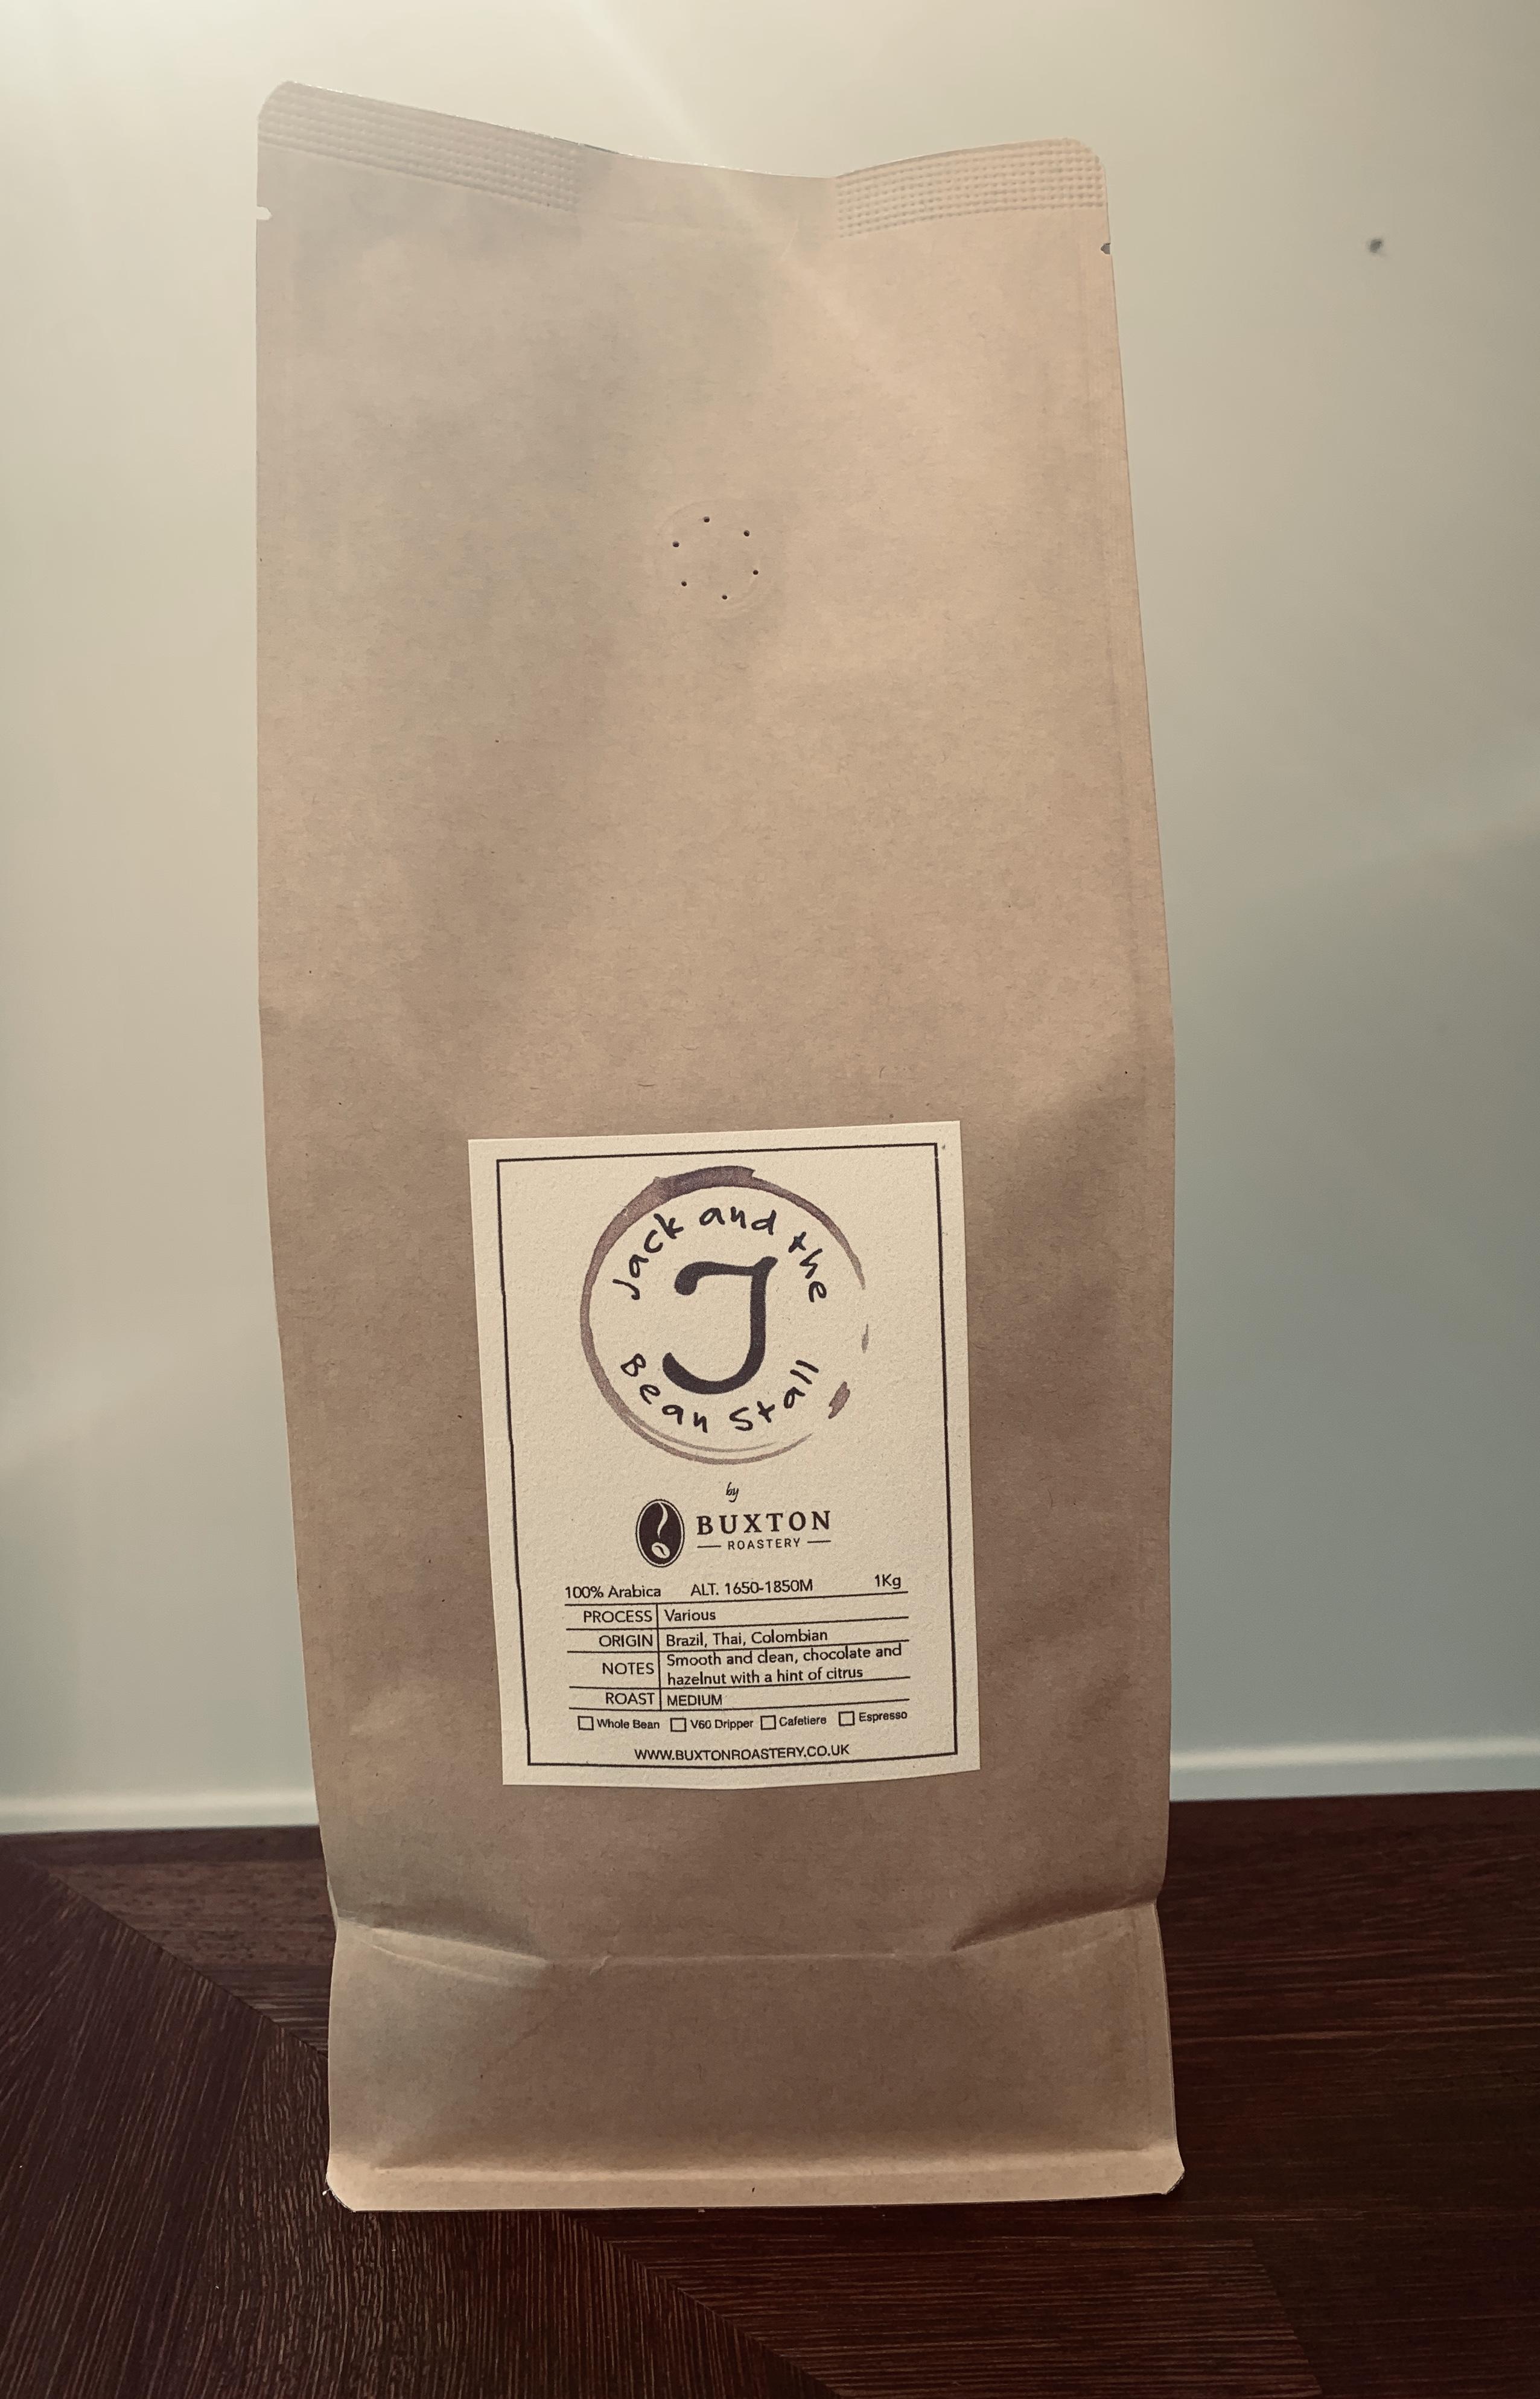 House blend 1kg bag